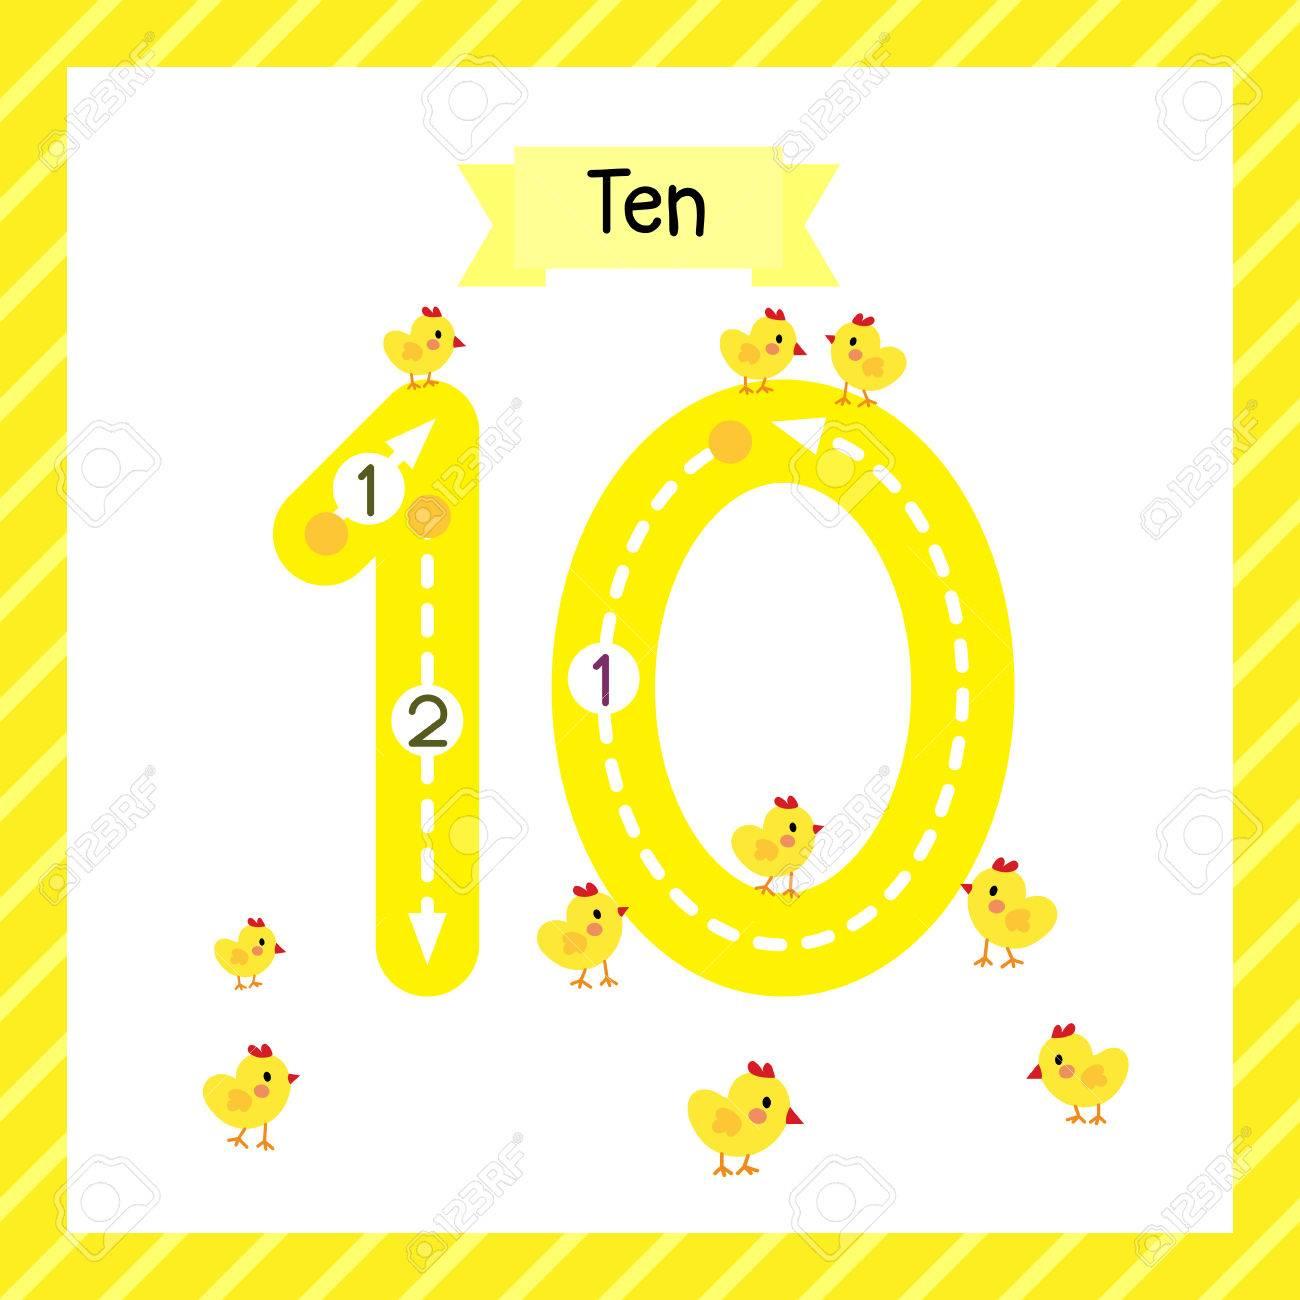 Nette Kinder Flashcard Nummer Zehn Verfolgung Mit 10 Küken Für ...